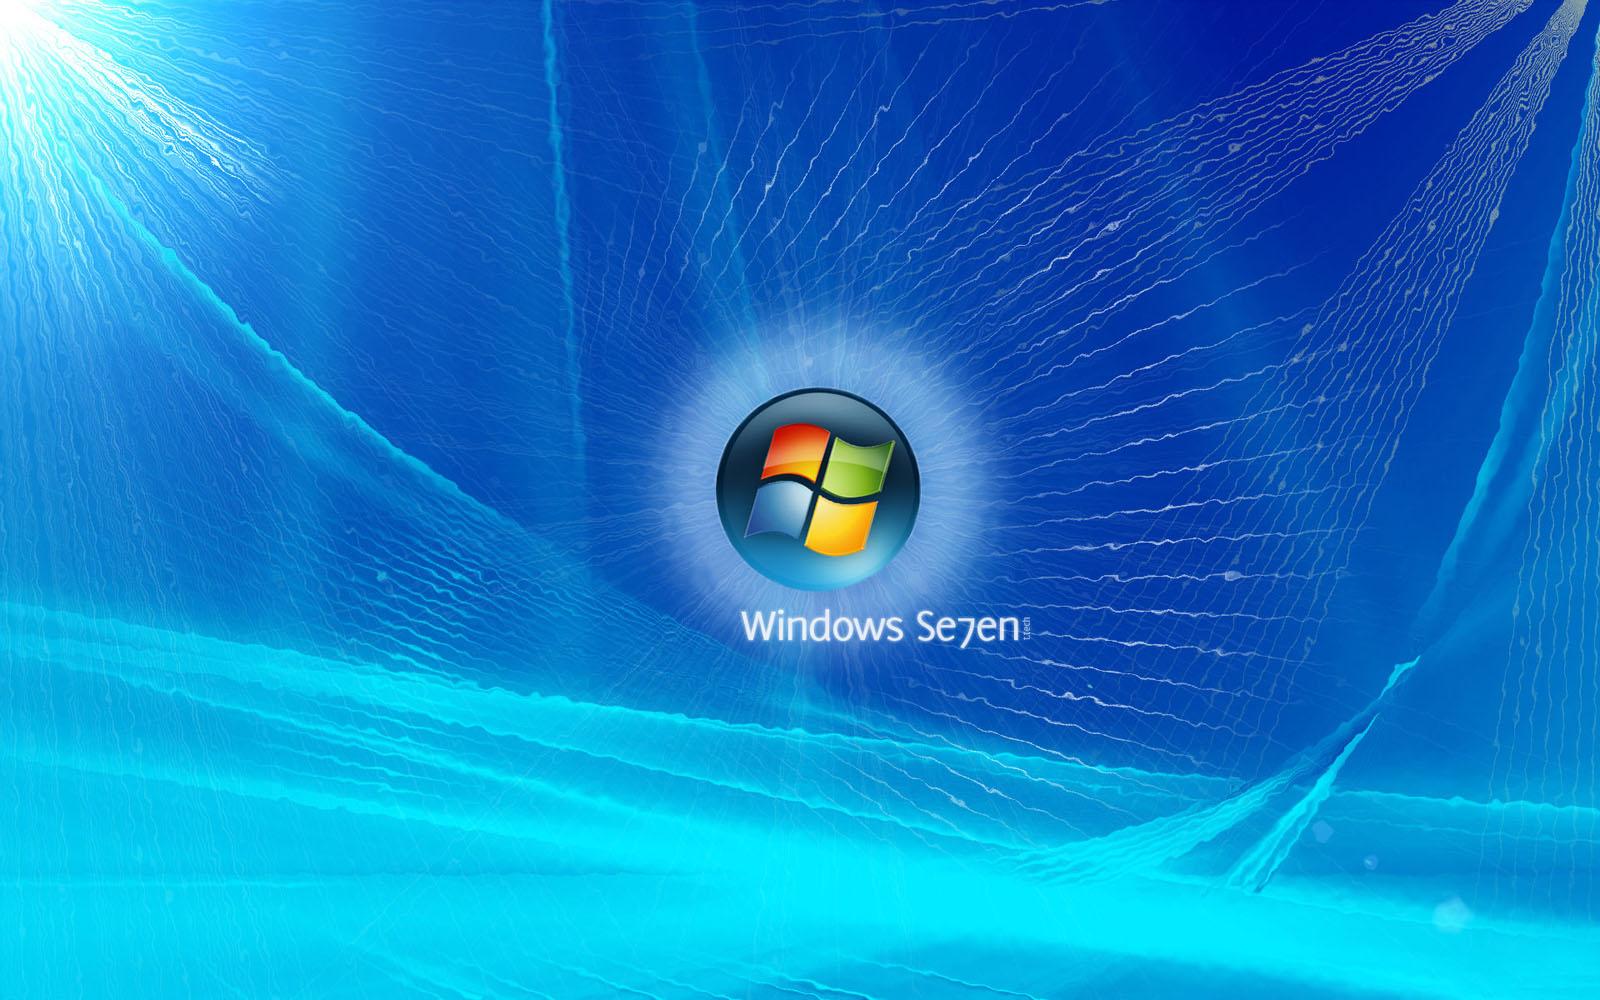 wallpapers Windows 7 Wallpapers for Desktop 1600x1000